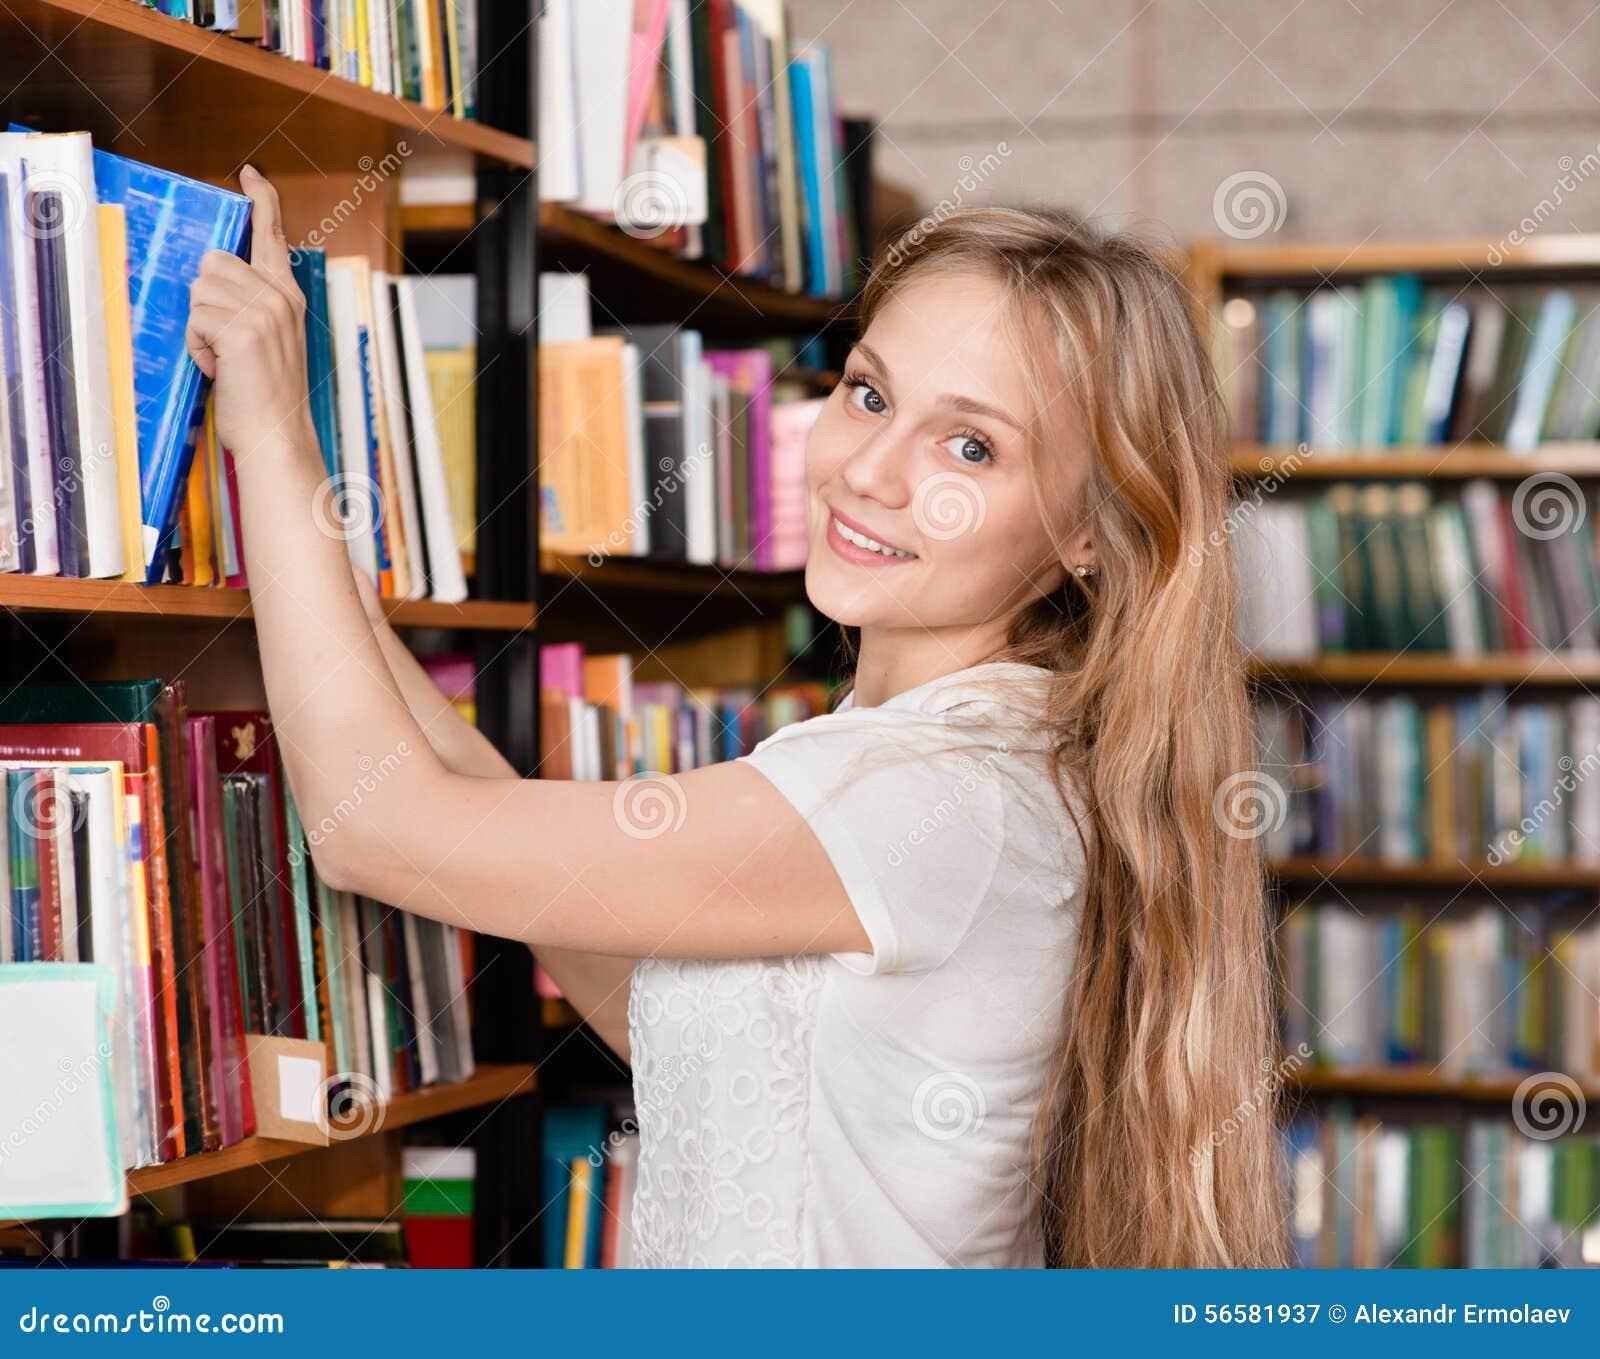 Glücklicher Student in der Bibliothek umgeben durch Bücher